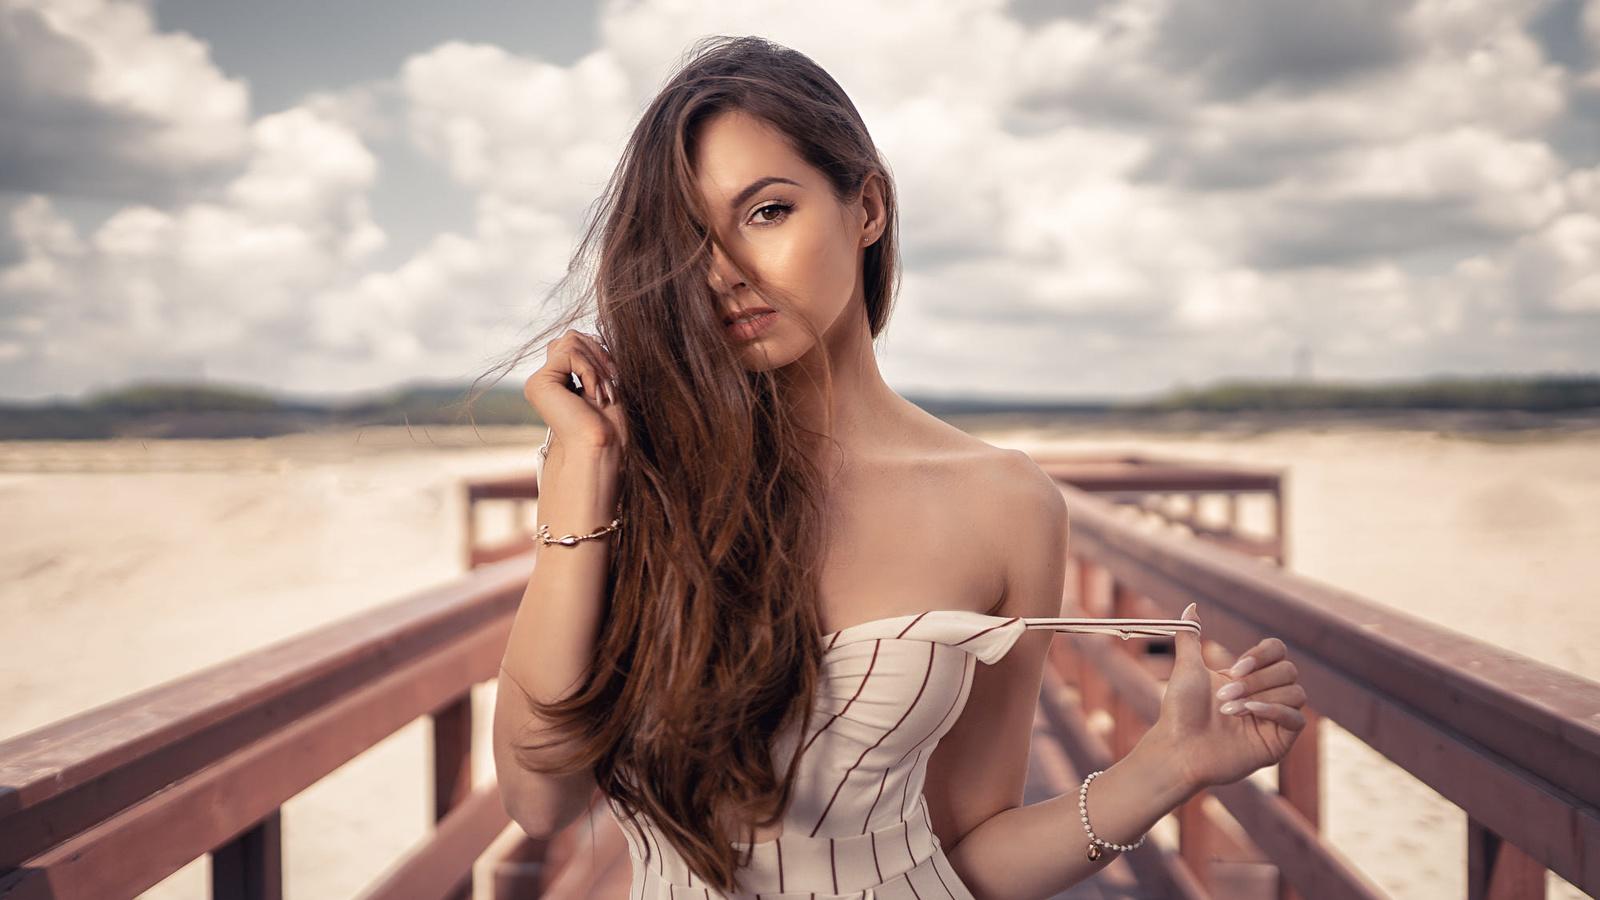 песок, пляж, девушка, украшения, платье, шатенка, браслеты, плечо, мосток